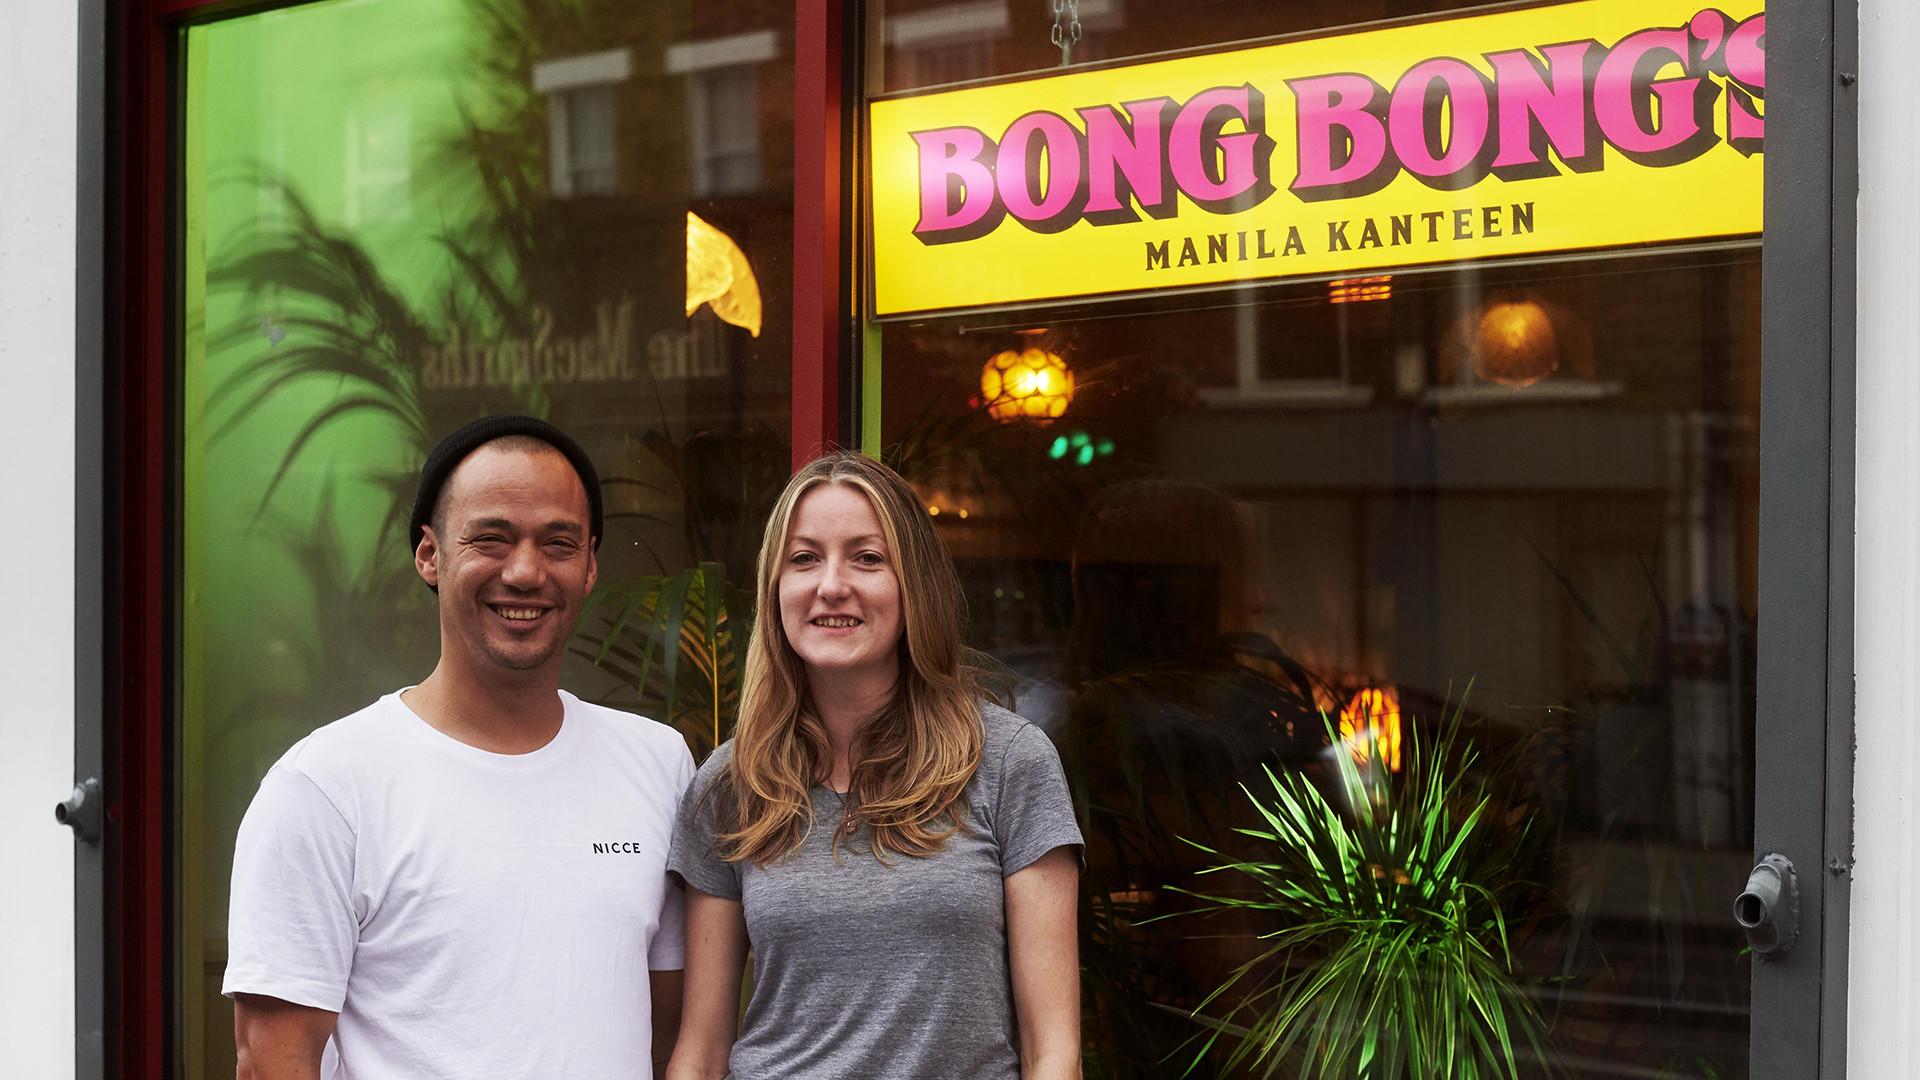 Bong Bong's Manila Kanteen